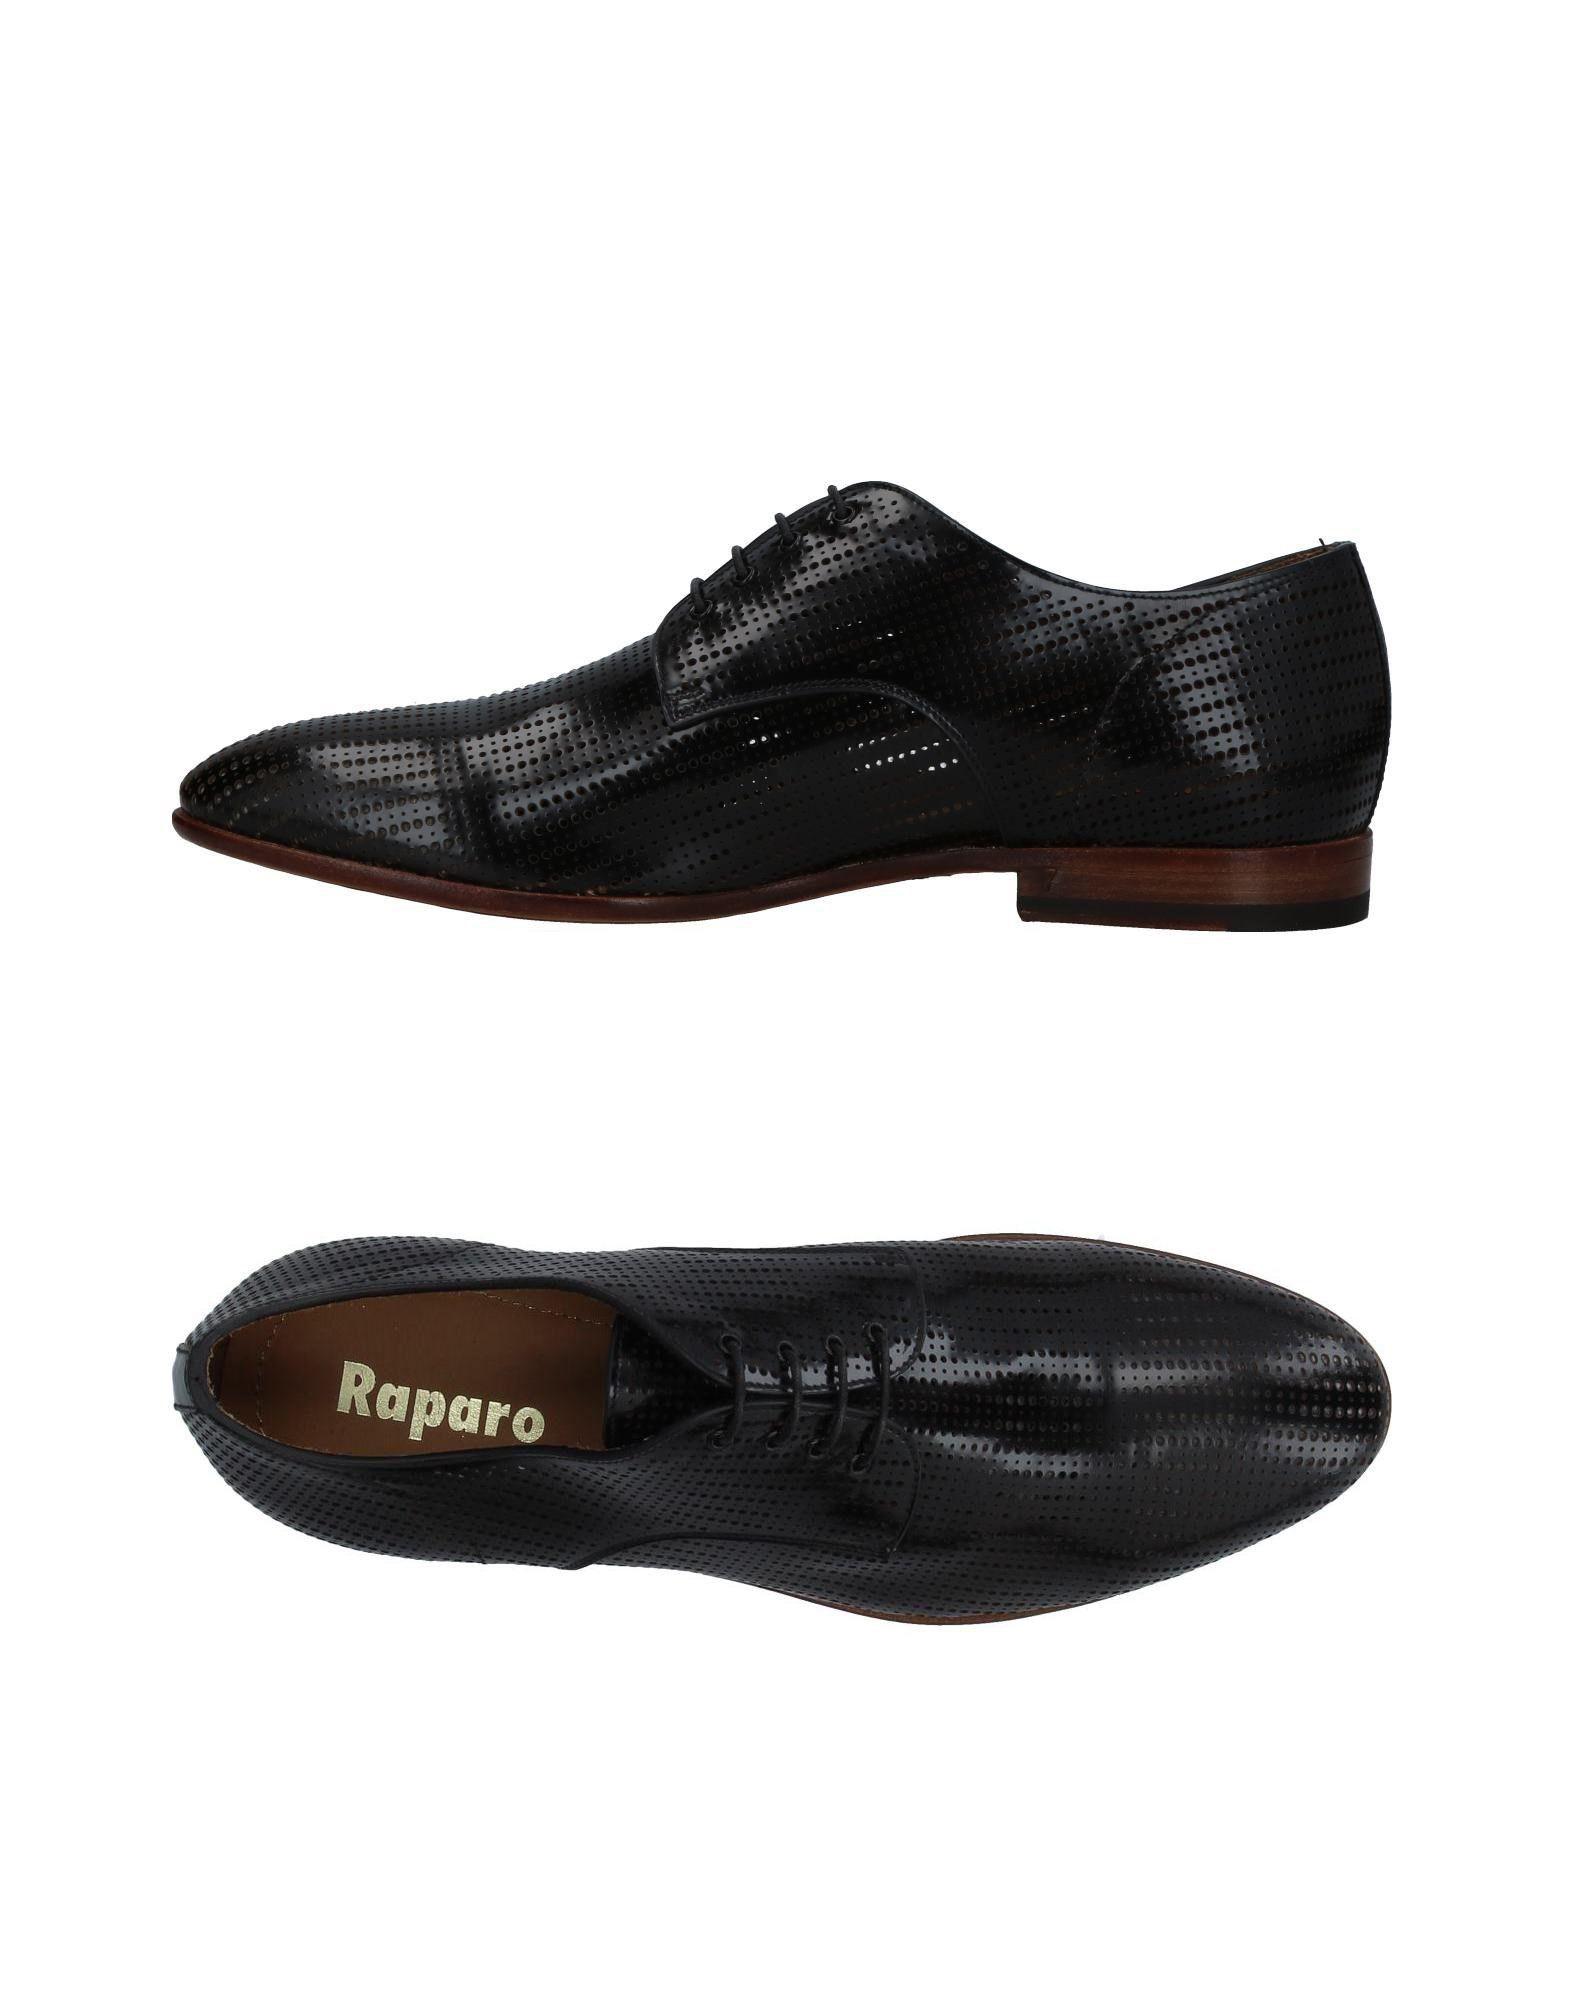 Raparo Schnürschuhe Herren  11400417SN Gute Qualität beliebte Schuhe